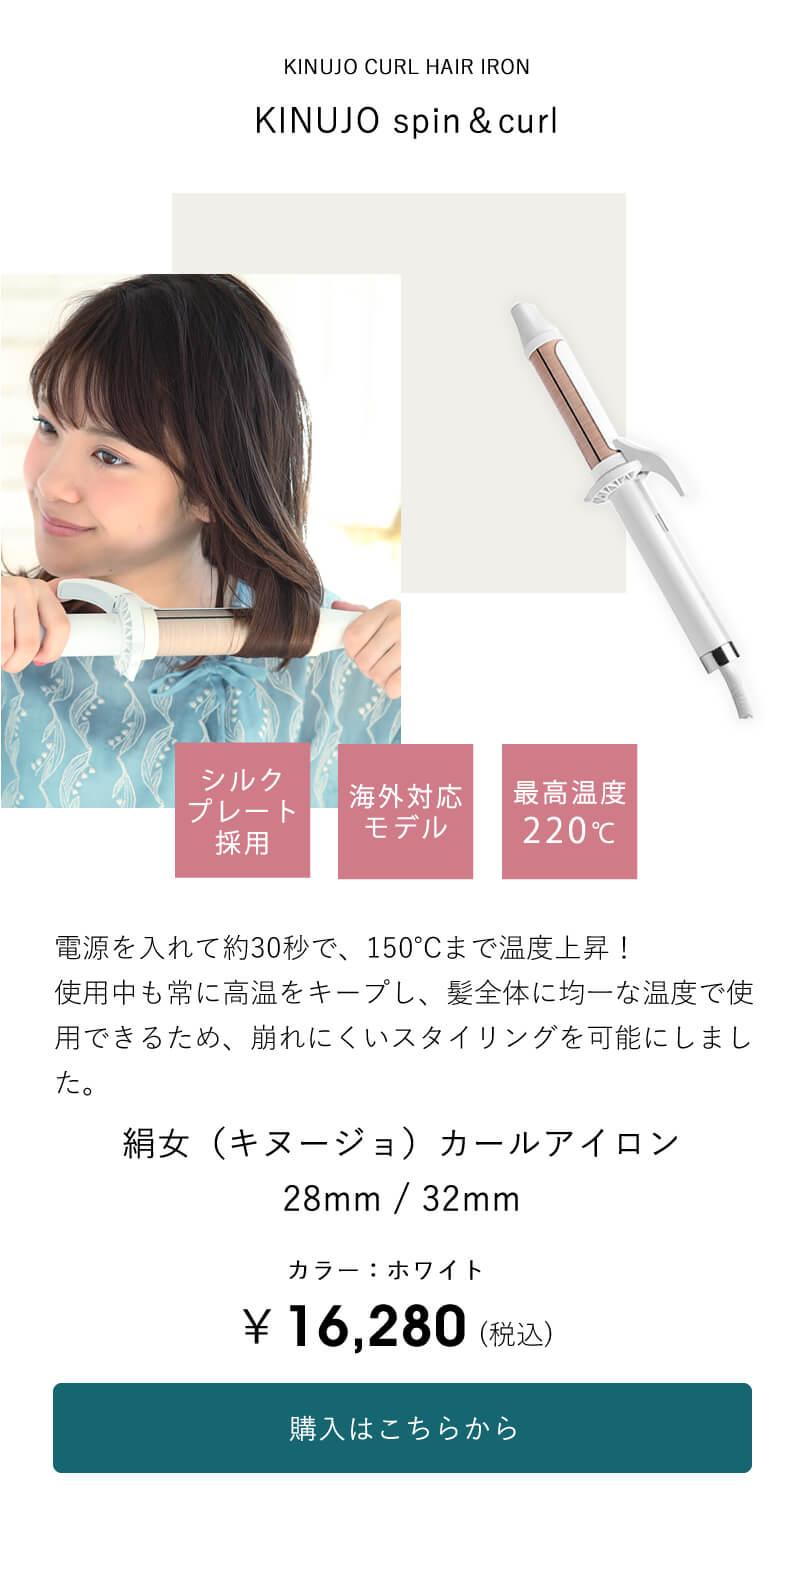 絹女 カールアイロン KC028/KC032 28mm/32mm